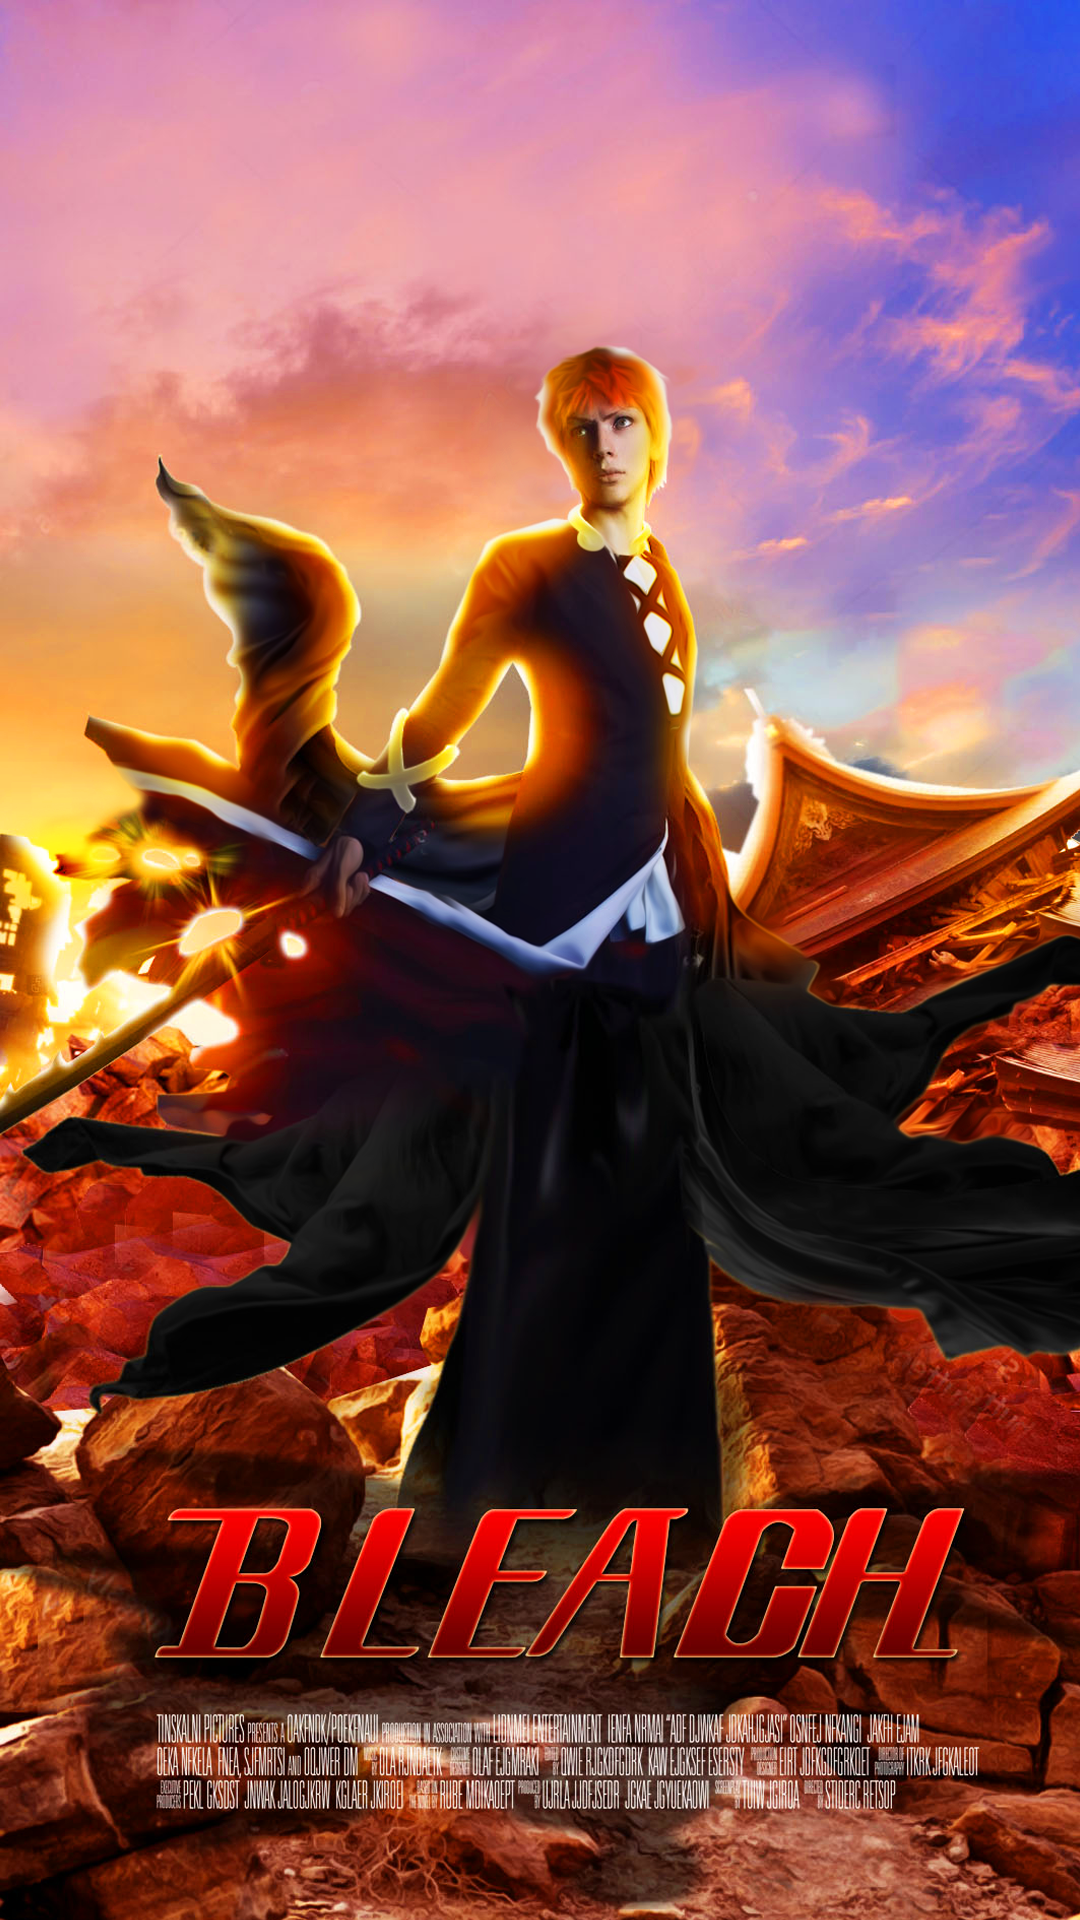 Pin by Bonvantius Mugiwara on Anime Movie Posters in 2020